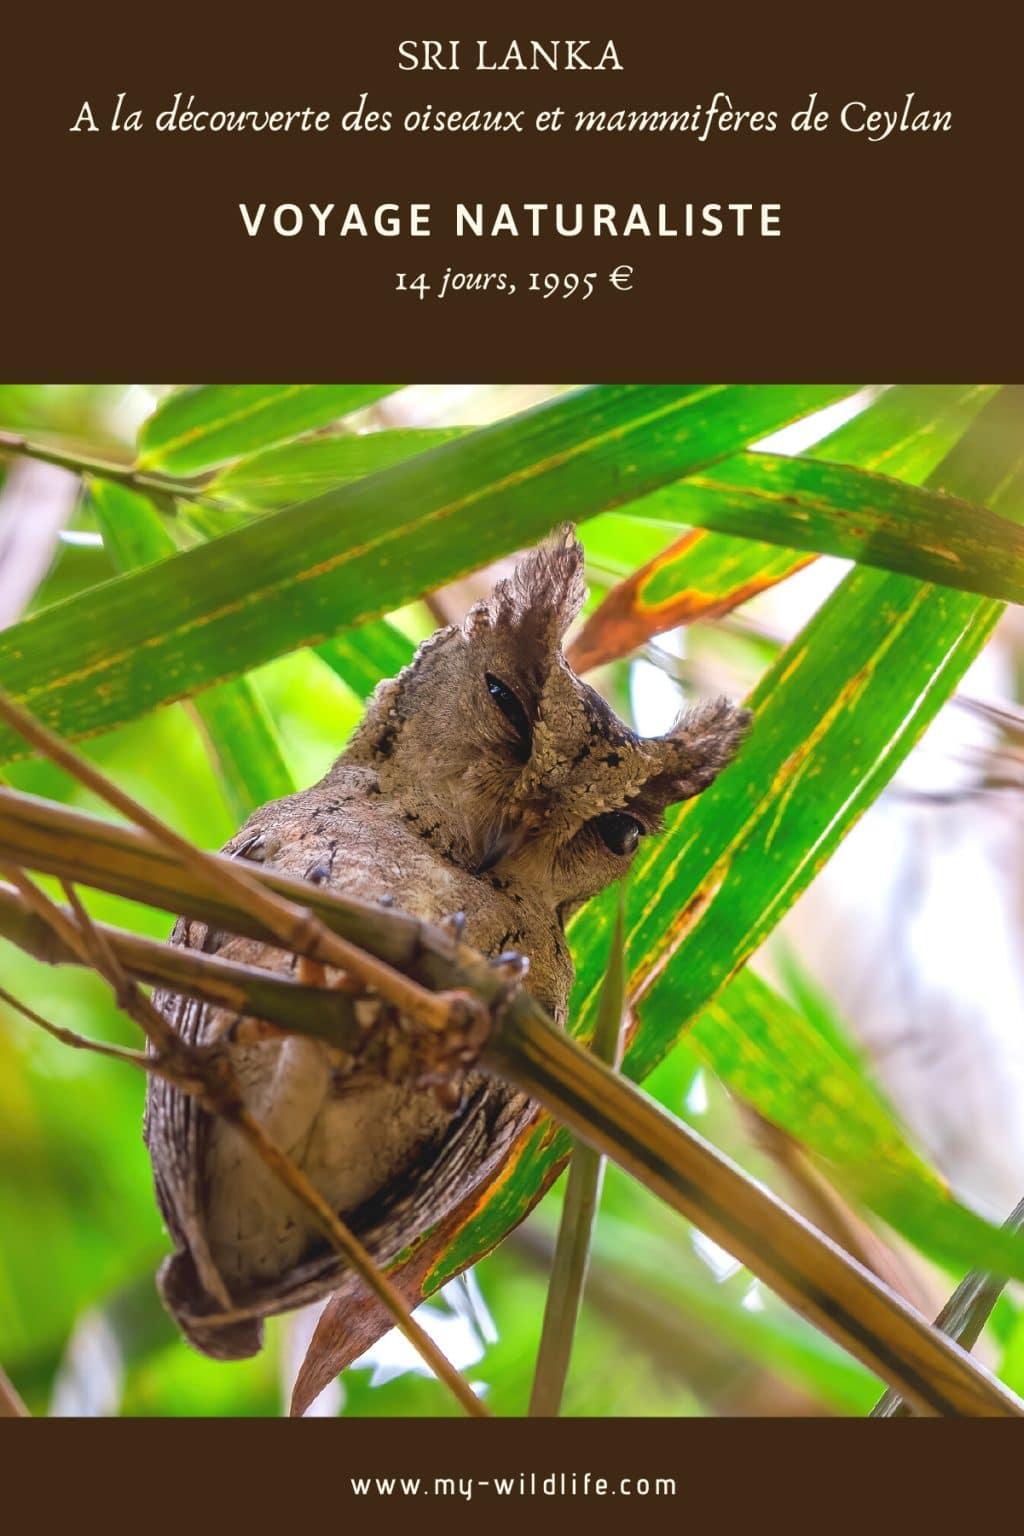 voyage naturaliste au Sri Lanka